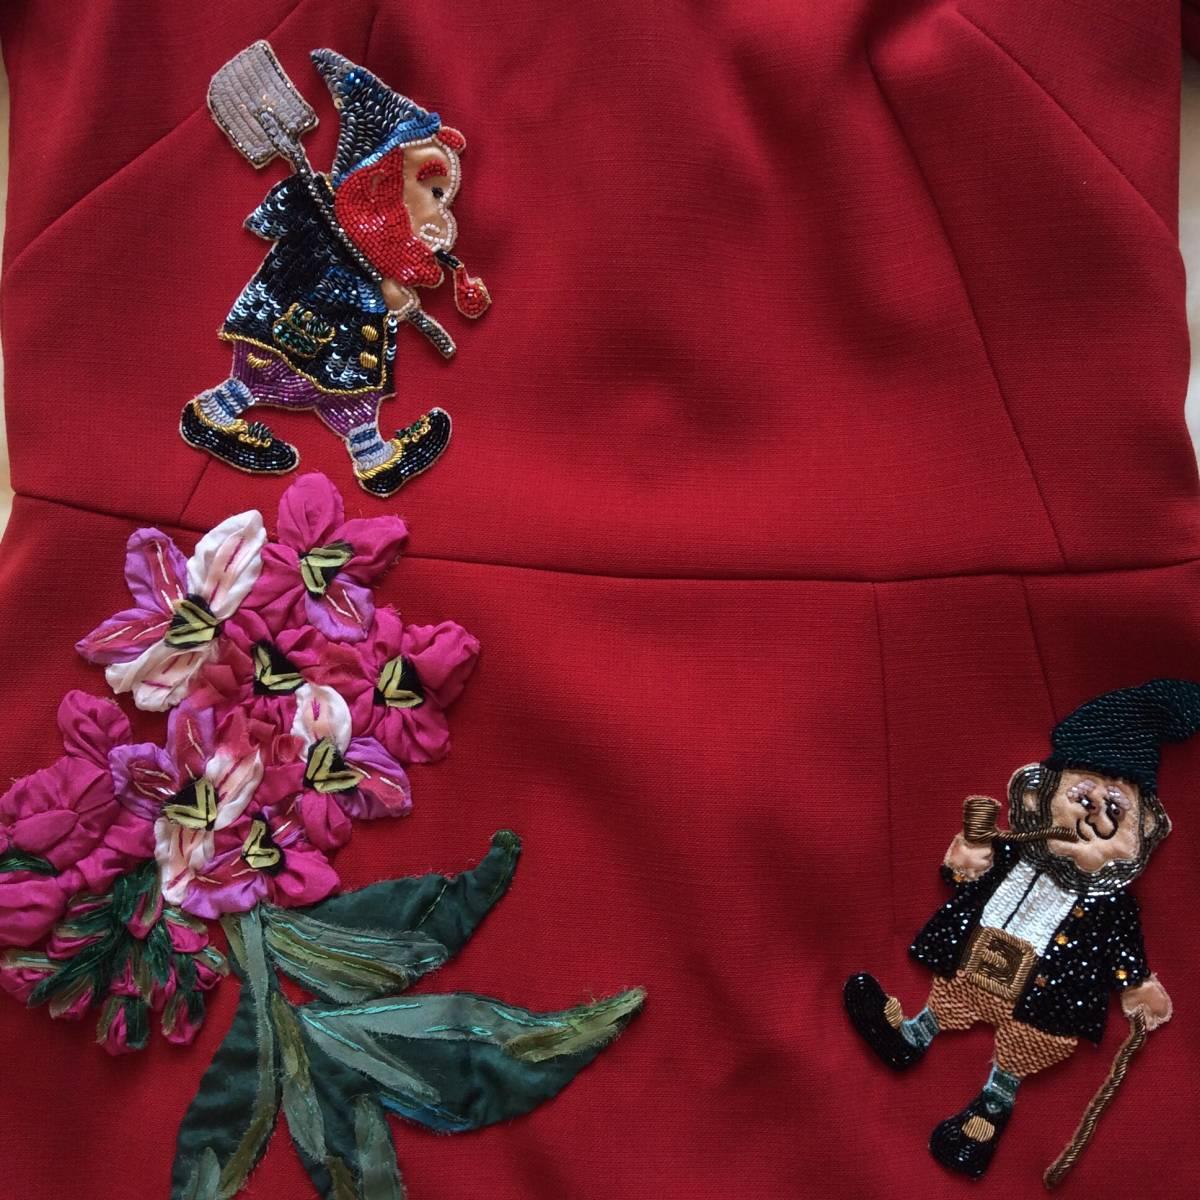 【 DOLCE&GABBANA 】ドルチェ&ガッバーナ ★ビジュー・装飾ドレス★1回着用★_画像5